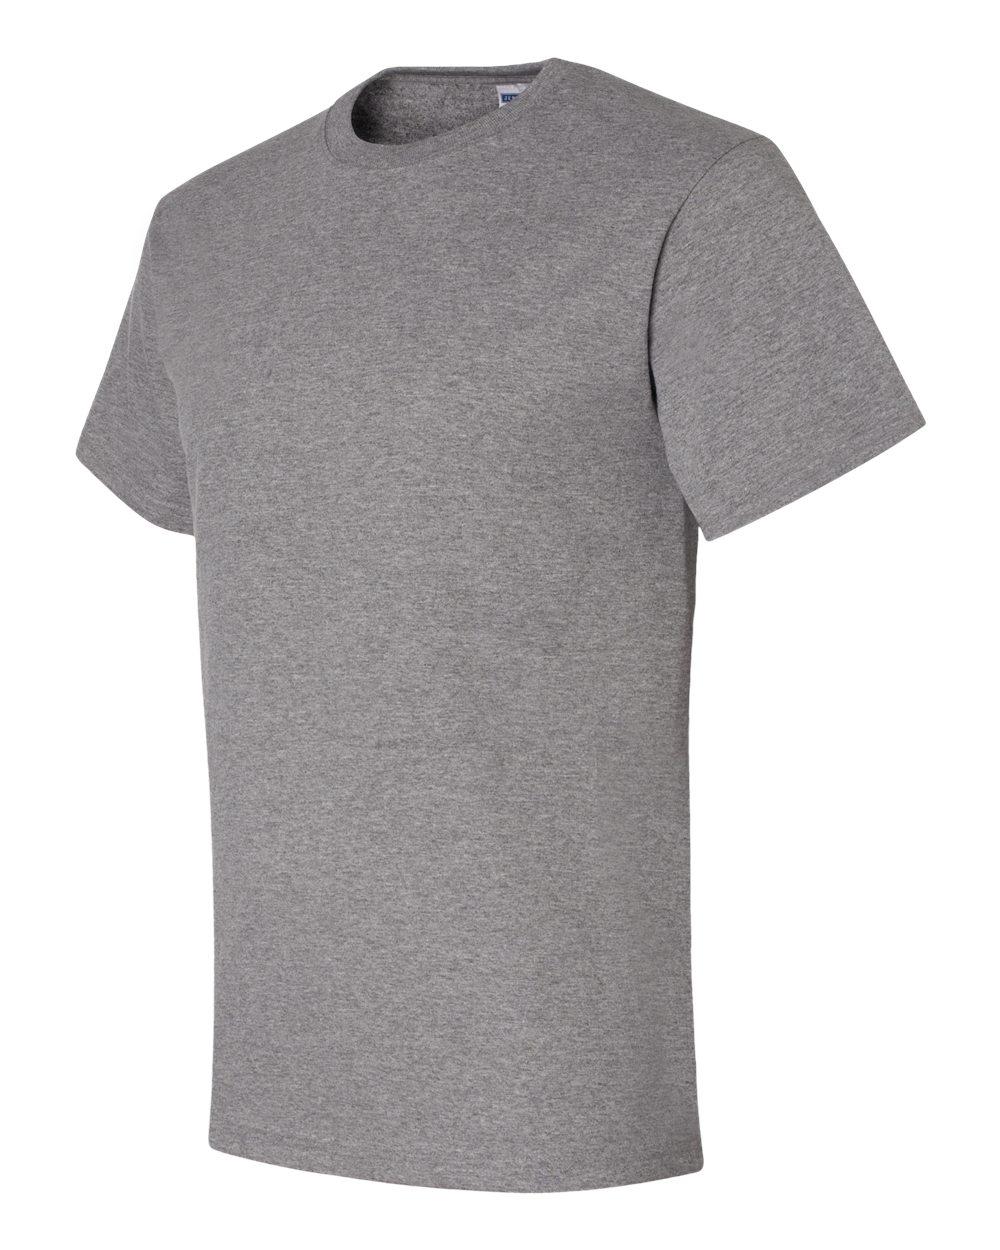 Jerzees-Men-039-s-5-6-oz-50-50-Heavyweight-Blend-T-Shirt-29M-S-4XL thumbnail 15